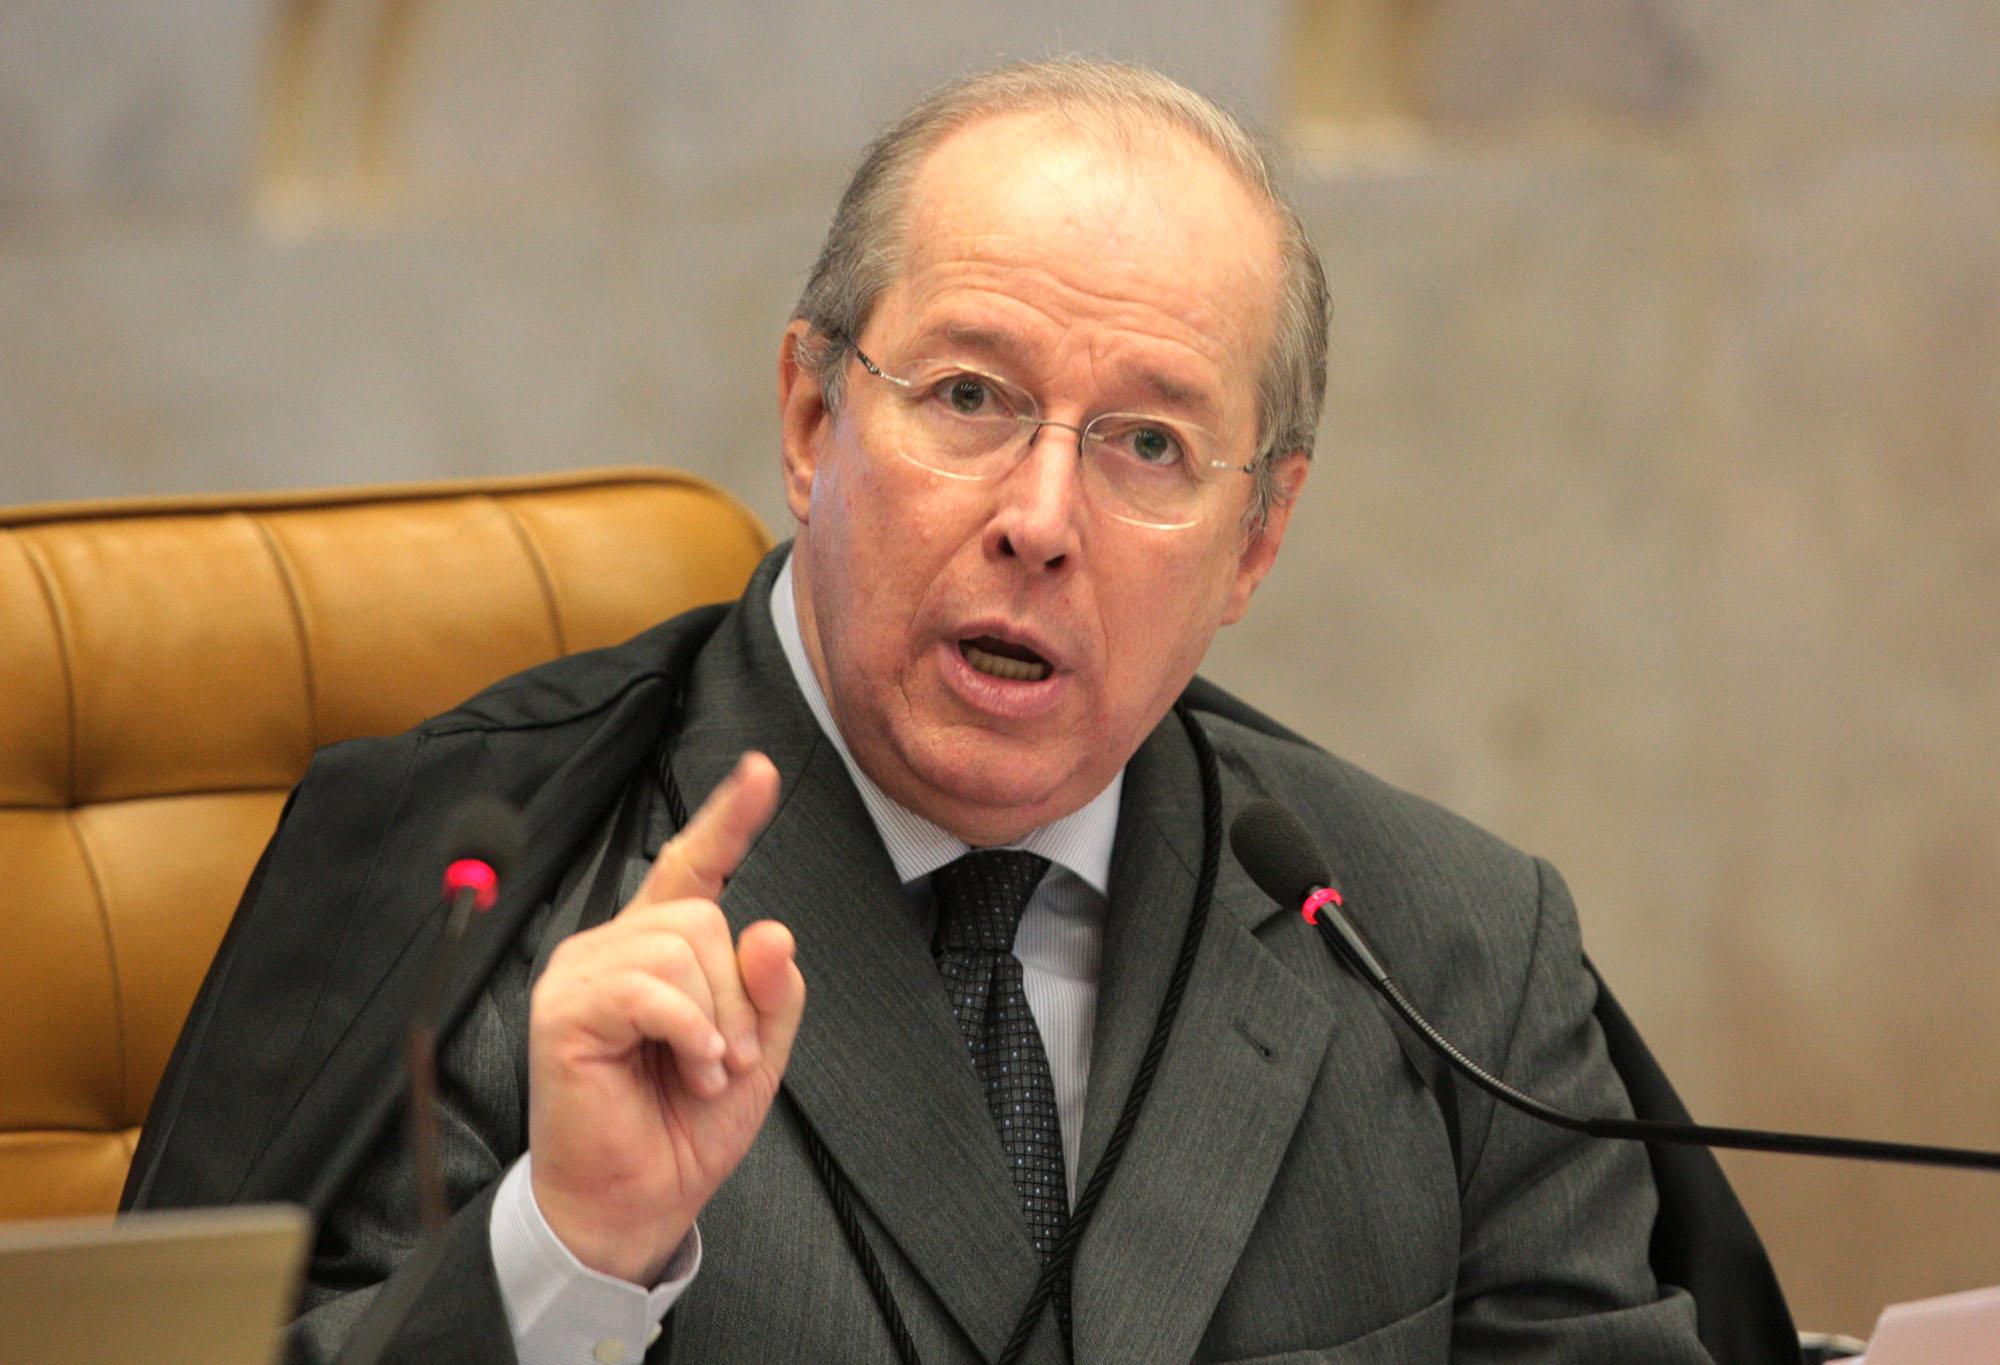 O ministro Celso de Mello tem se tornado o principal defensor do Supremo de ataques do governo e em defesa da liberdade de expressão. Foto: Carlos Humberto/SCO/STF